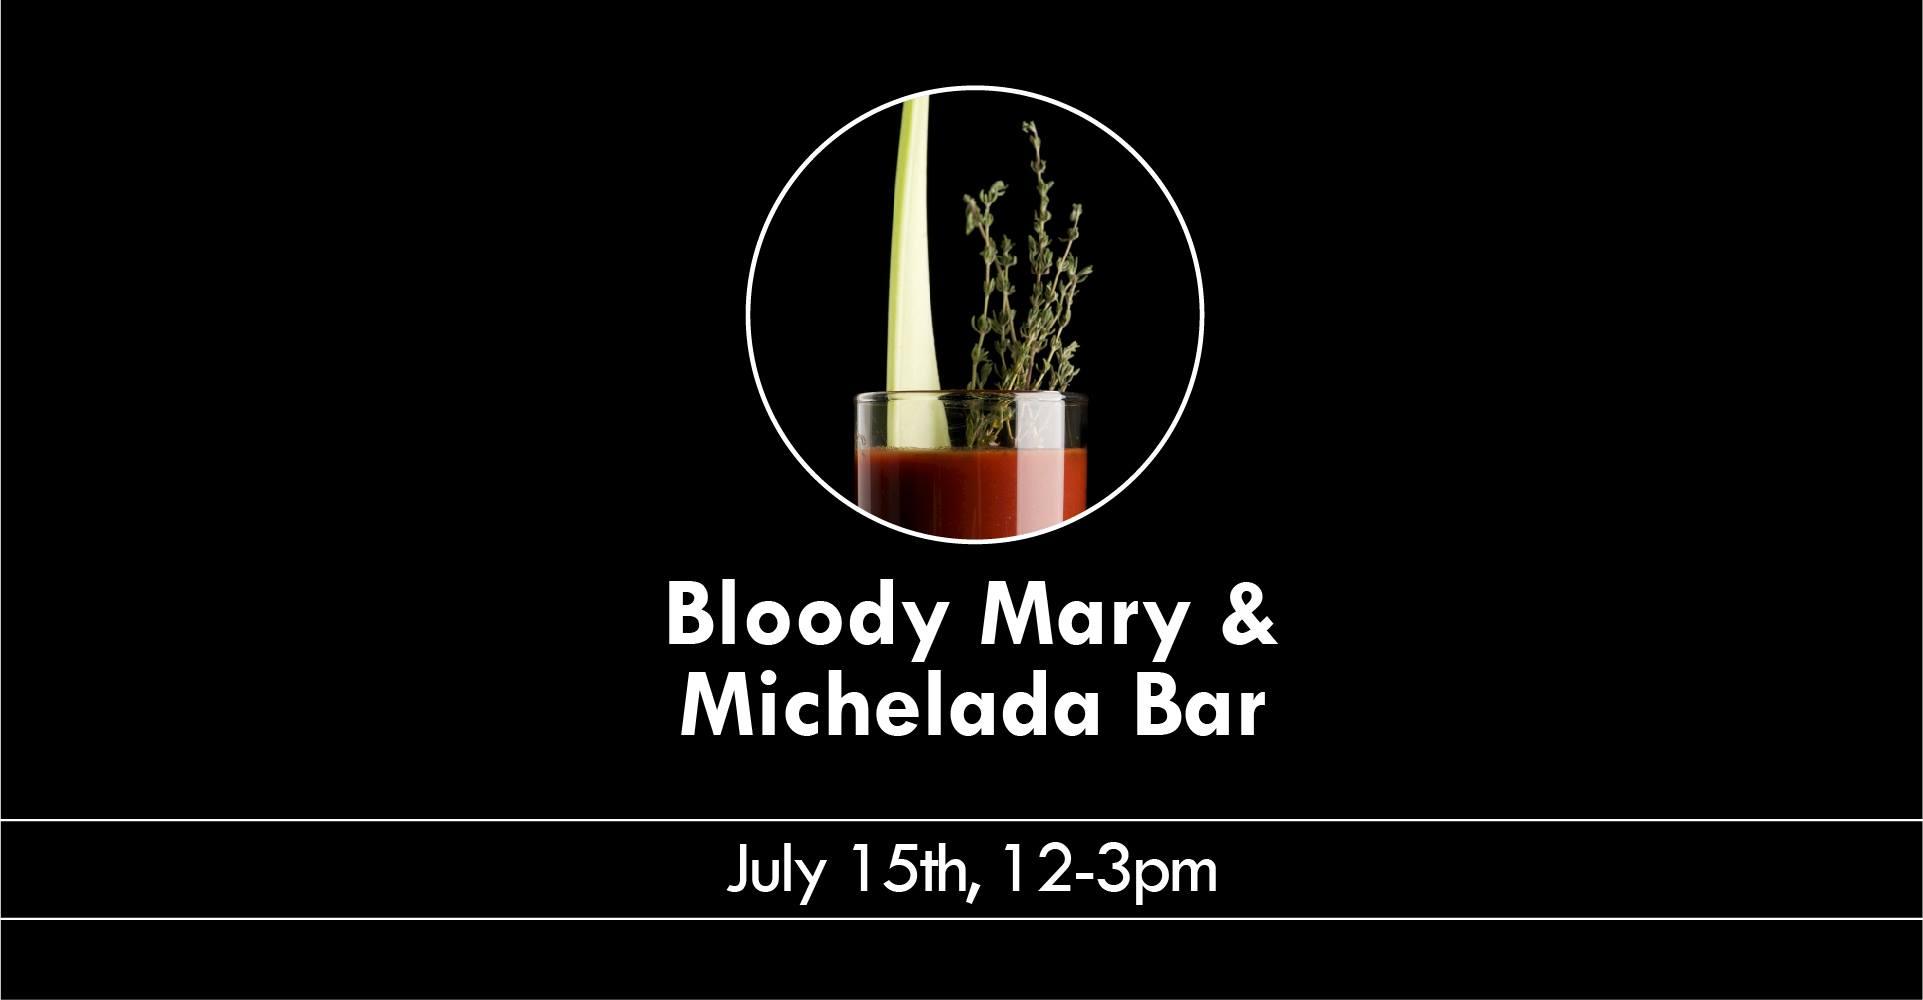 Bloody Mary & Michelada Bar